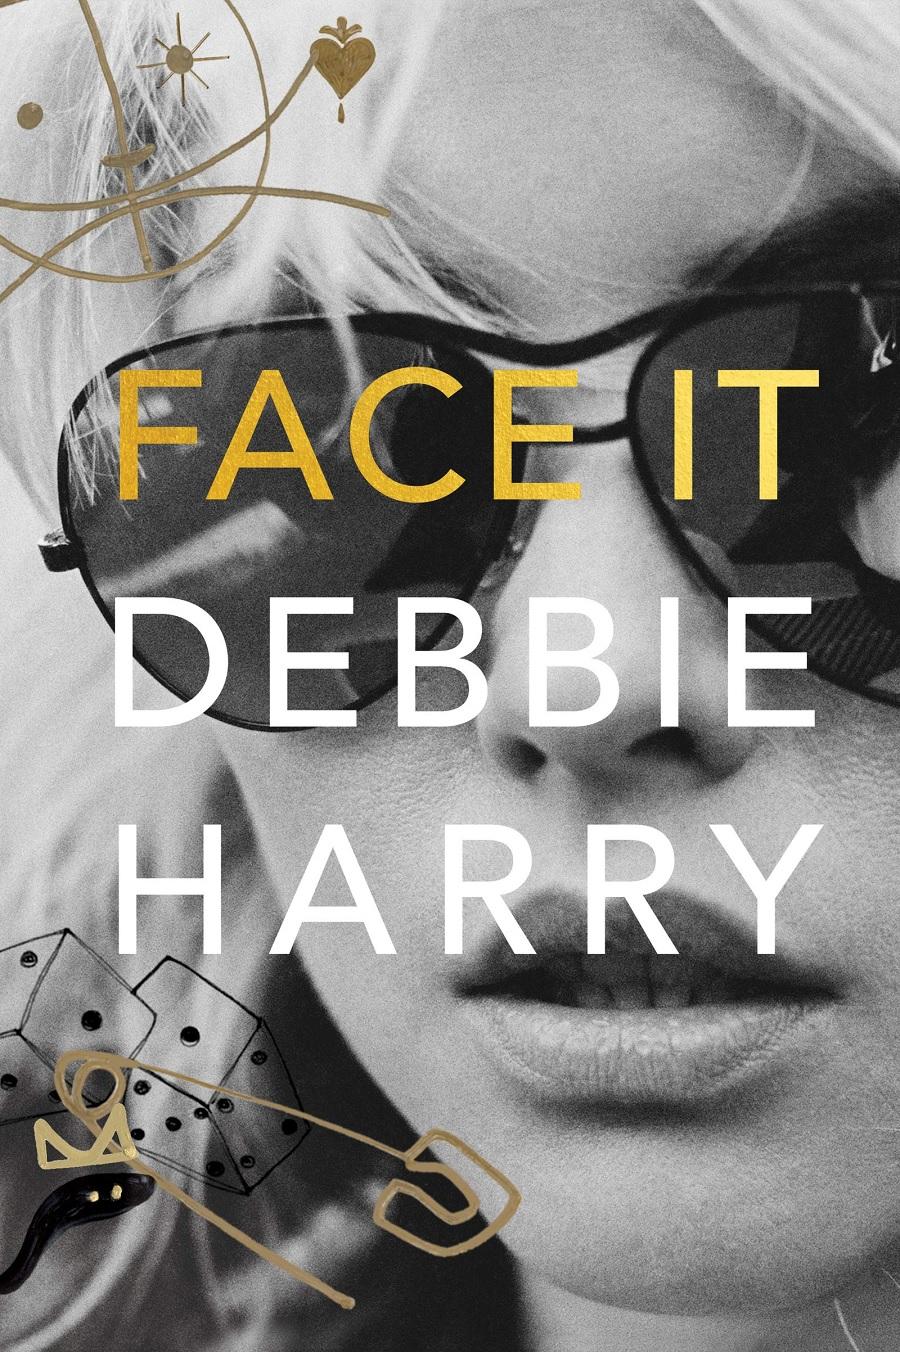 face-it-by-debbie-harry.jpg